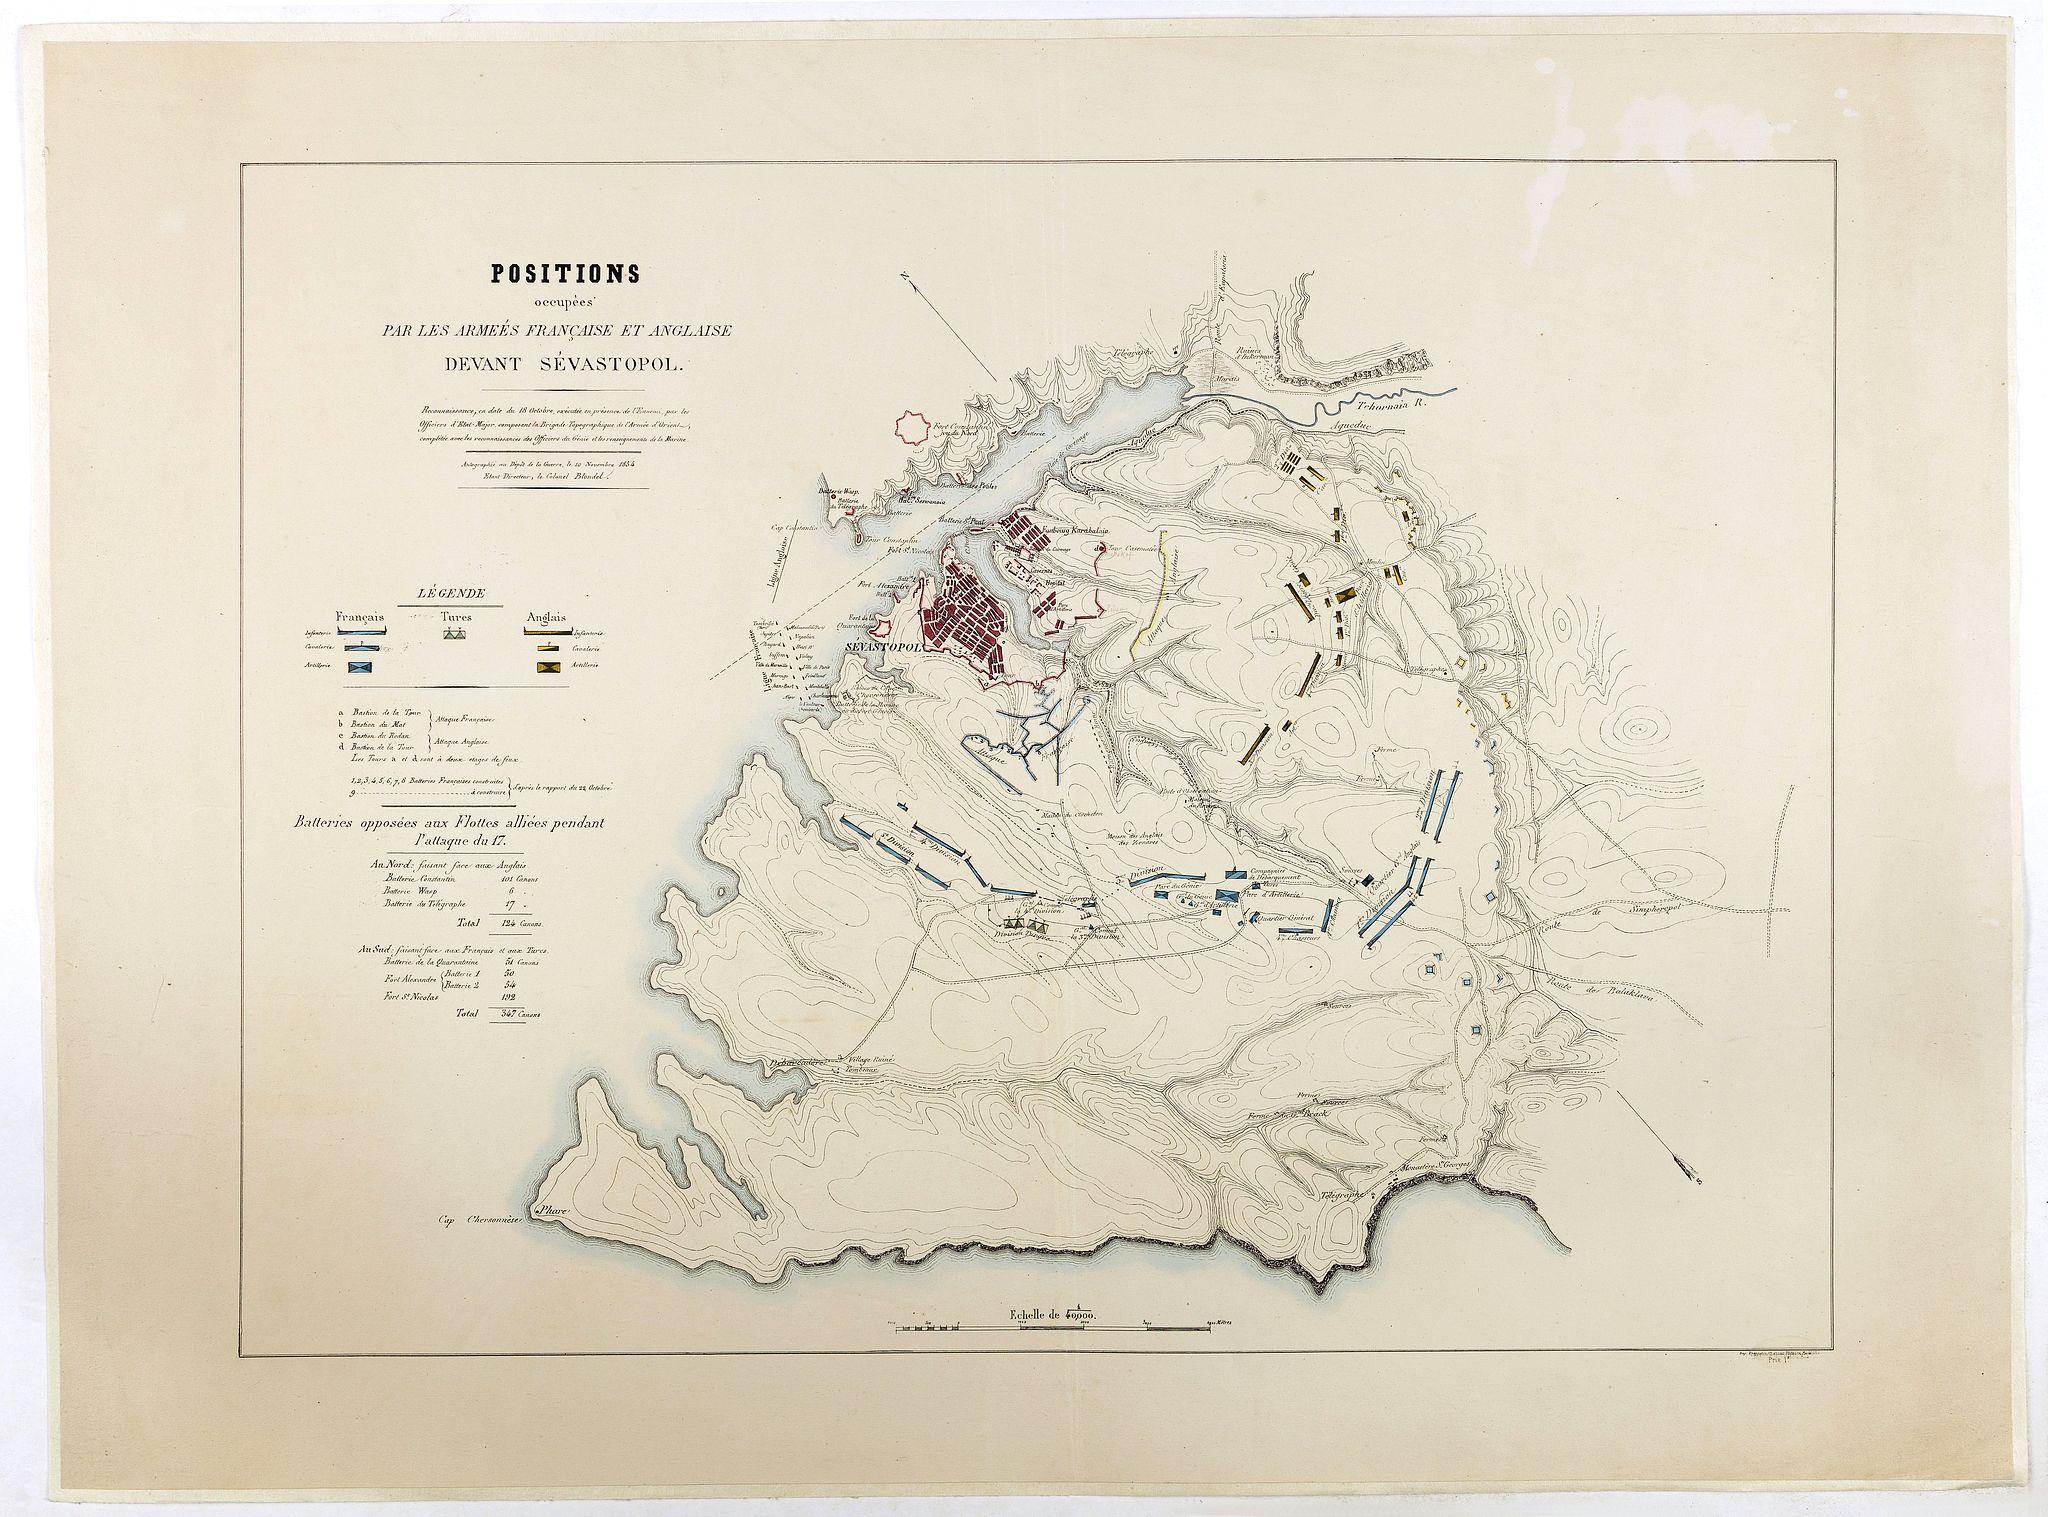 DEPOT DE LA GUERRE. -  Positions occupées par les armées françaises et anglaises devant Sevastopol.